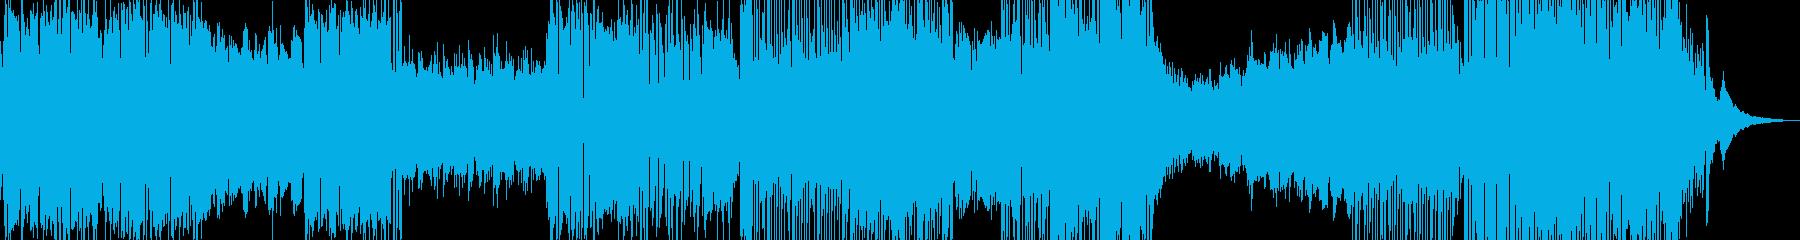 癒し系RPG・後半から打楽器有 短尺の再生済みの波形